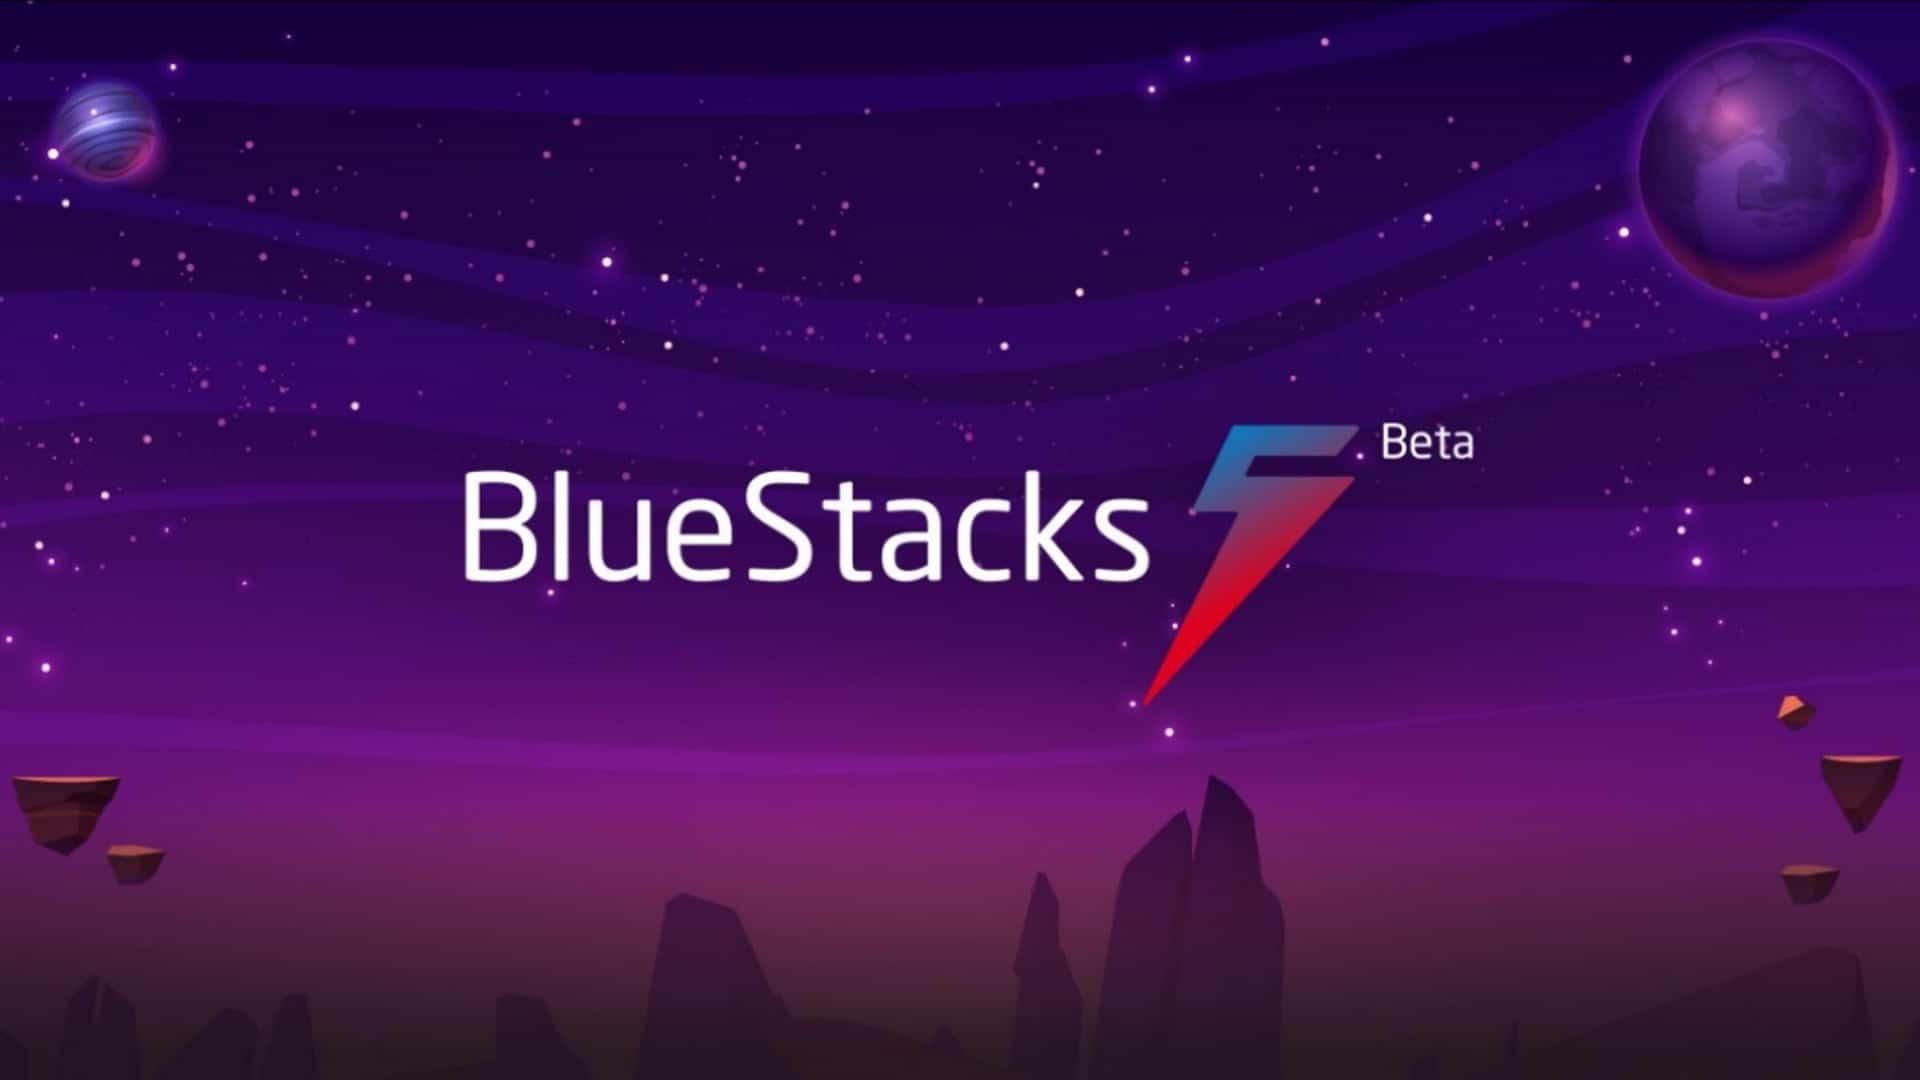 압도적 성능 향상! 블루스택4에서 한 단계 진화한 블루스택5 베타로 PC에서 안드로이드 게임을 만나보세요!